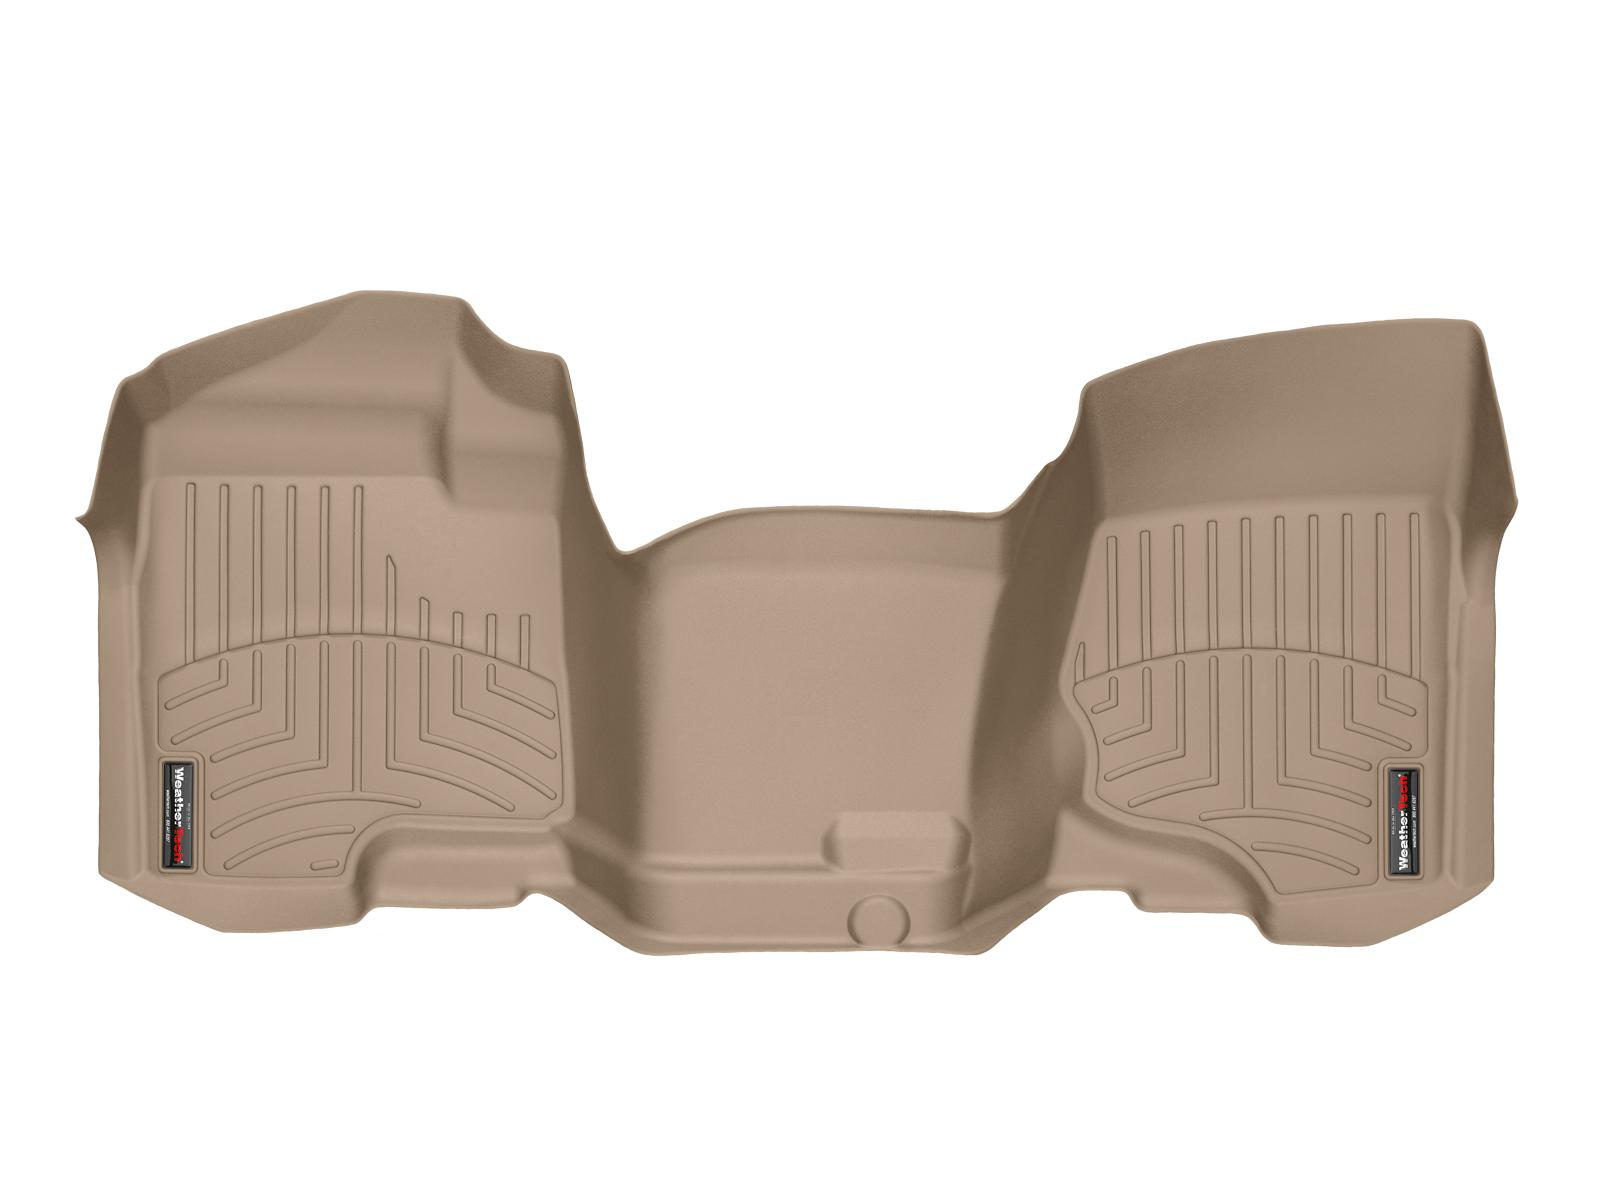 Tappeti gomma su misura bordo alto Chevrolet Silverado 07>07 Marrone A165